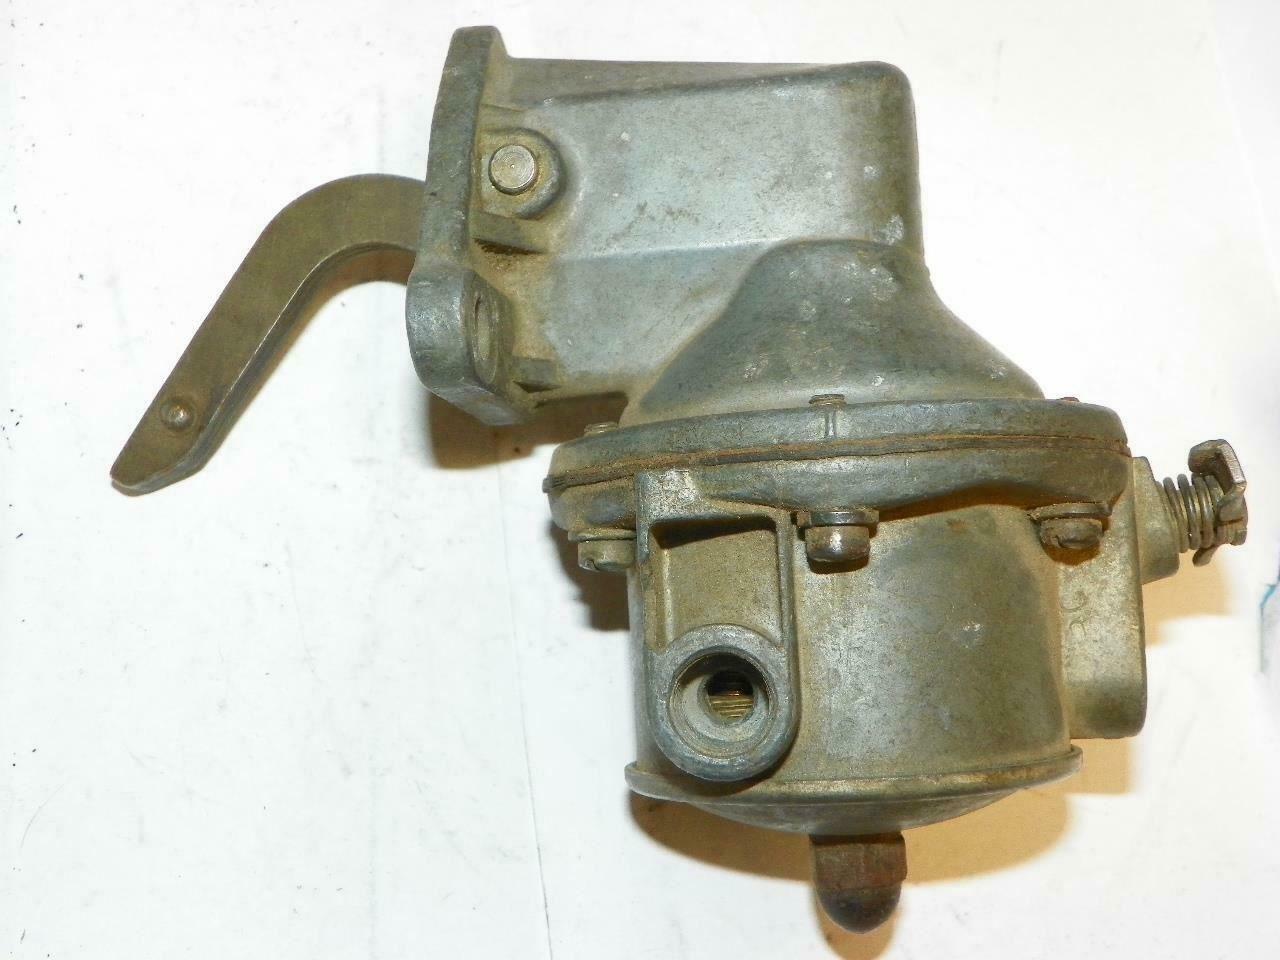 NOS!! Carter Fuel Pump w/ Filter M825SA 1934-1948 Ford V8 1939-1948 Mercury #591